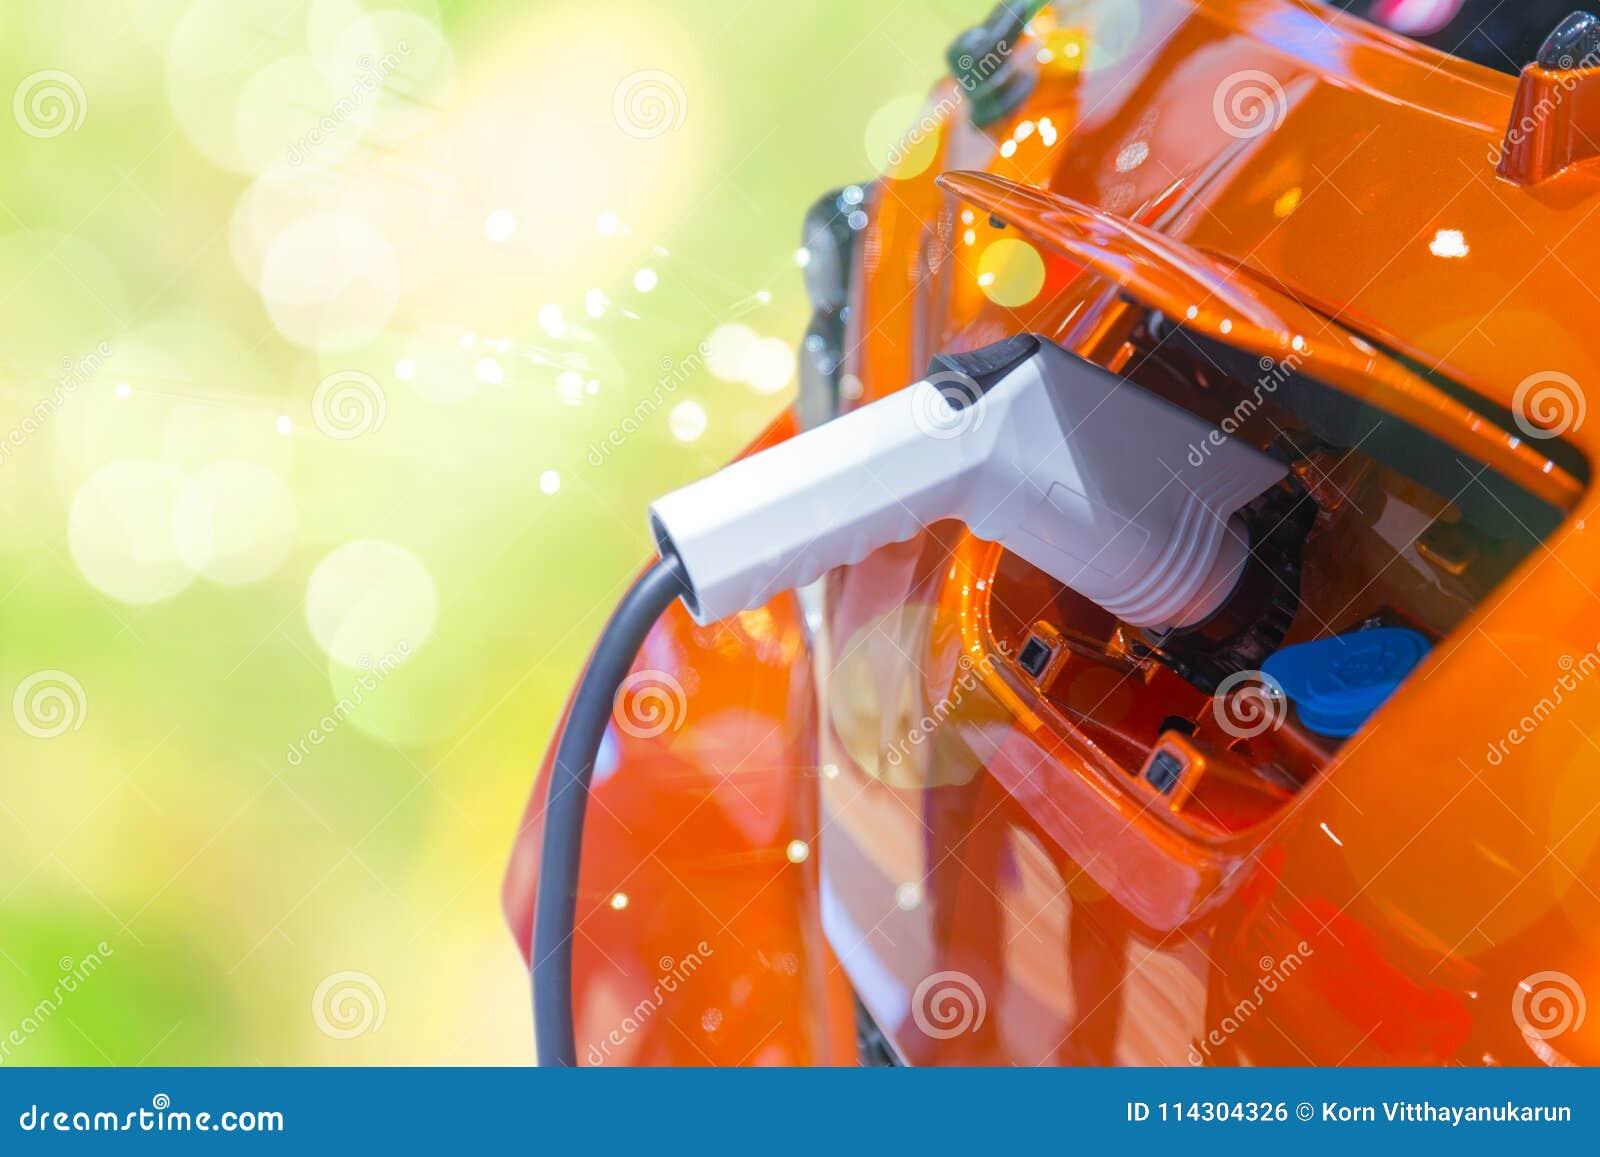 Carregamento de bateria do carro das energias verdes EV ou de carro bonde